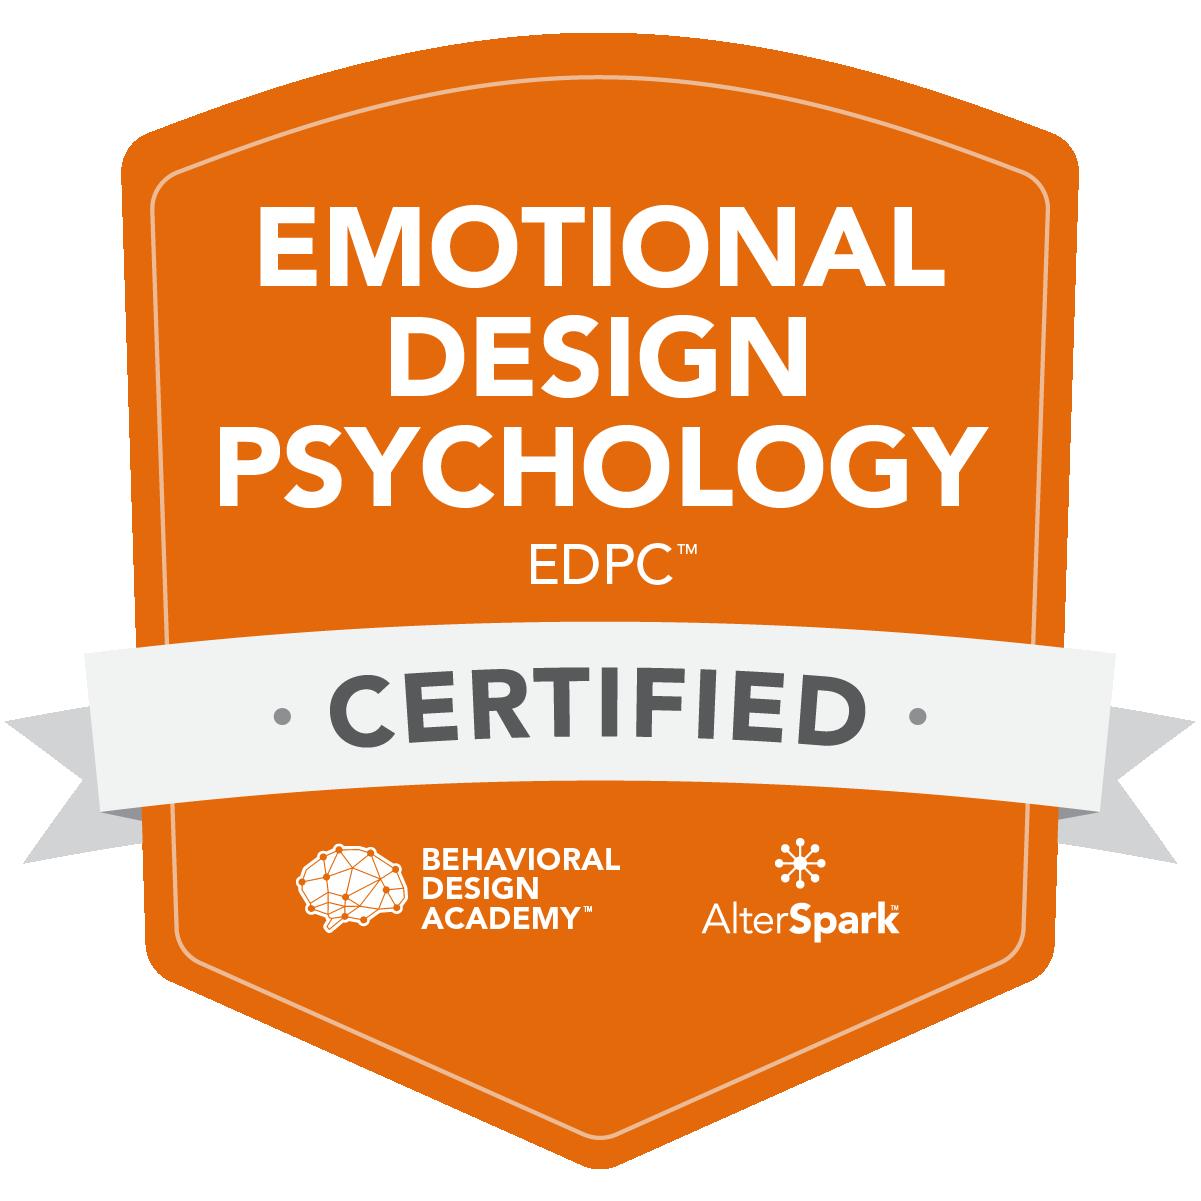 Emotional Design Psychology Certificate